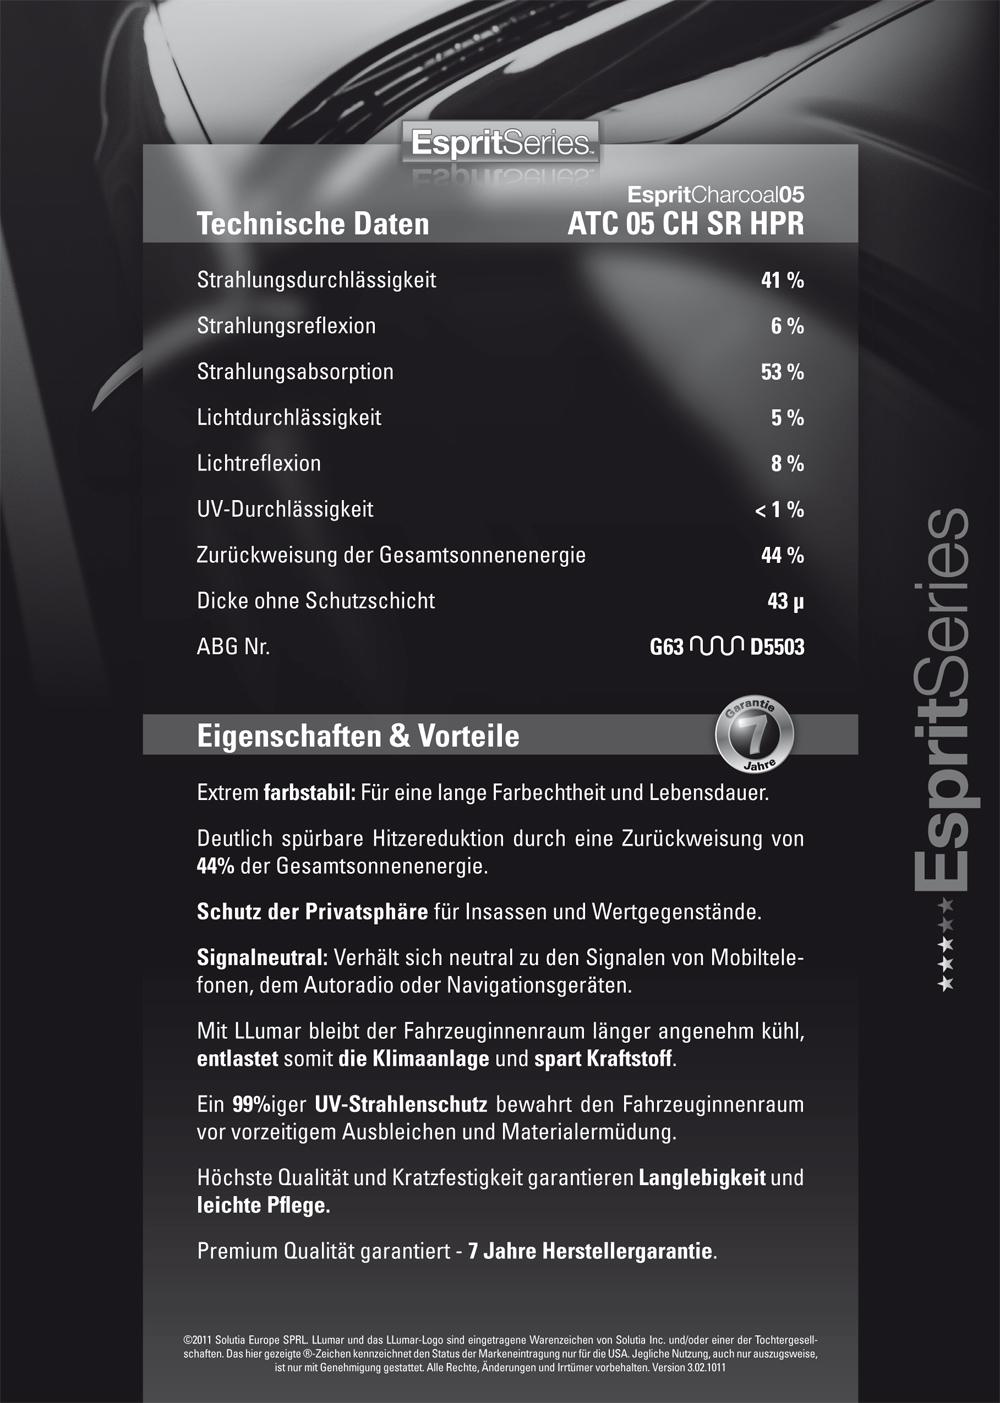 ATC 05 CH SR HPR - EspritCharcoal 05 - 51cm